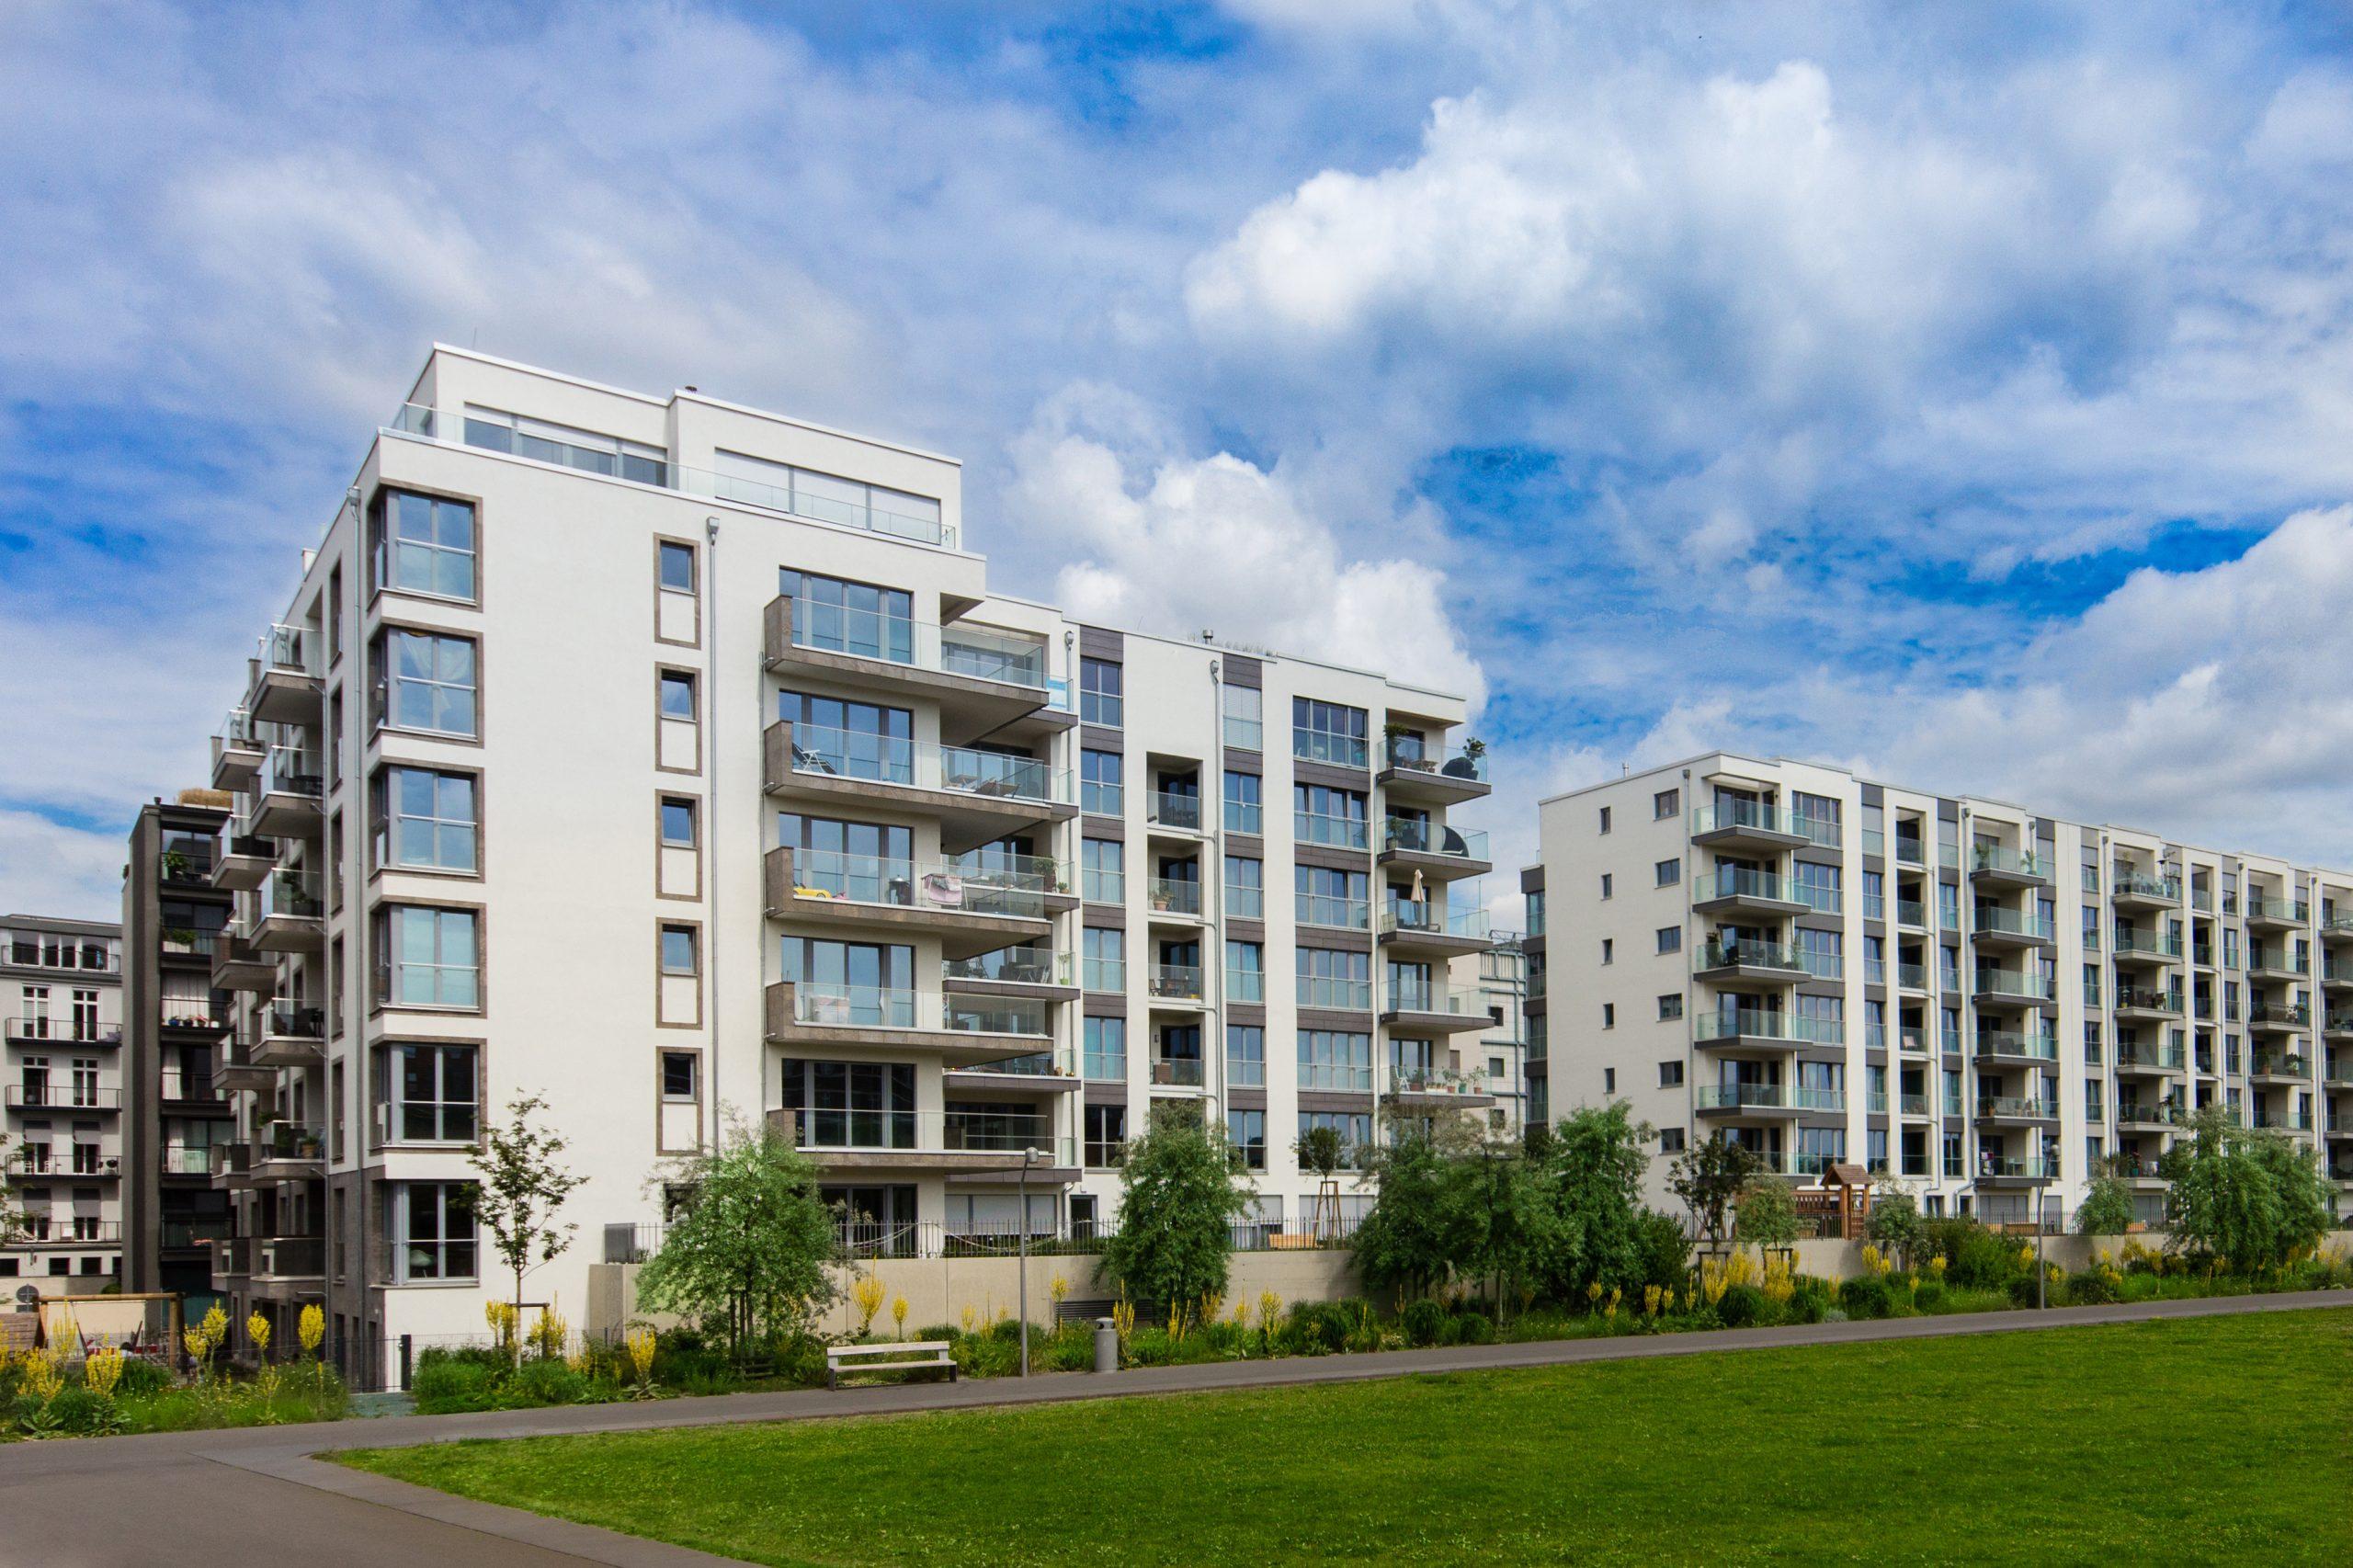 Jak sprawdzić mieszkanie przed zakupem lub wynajmem?